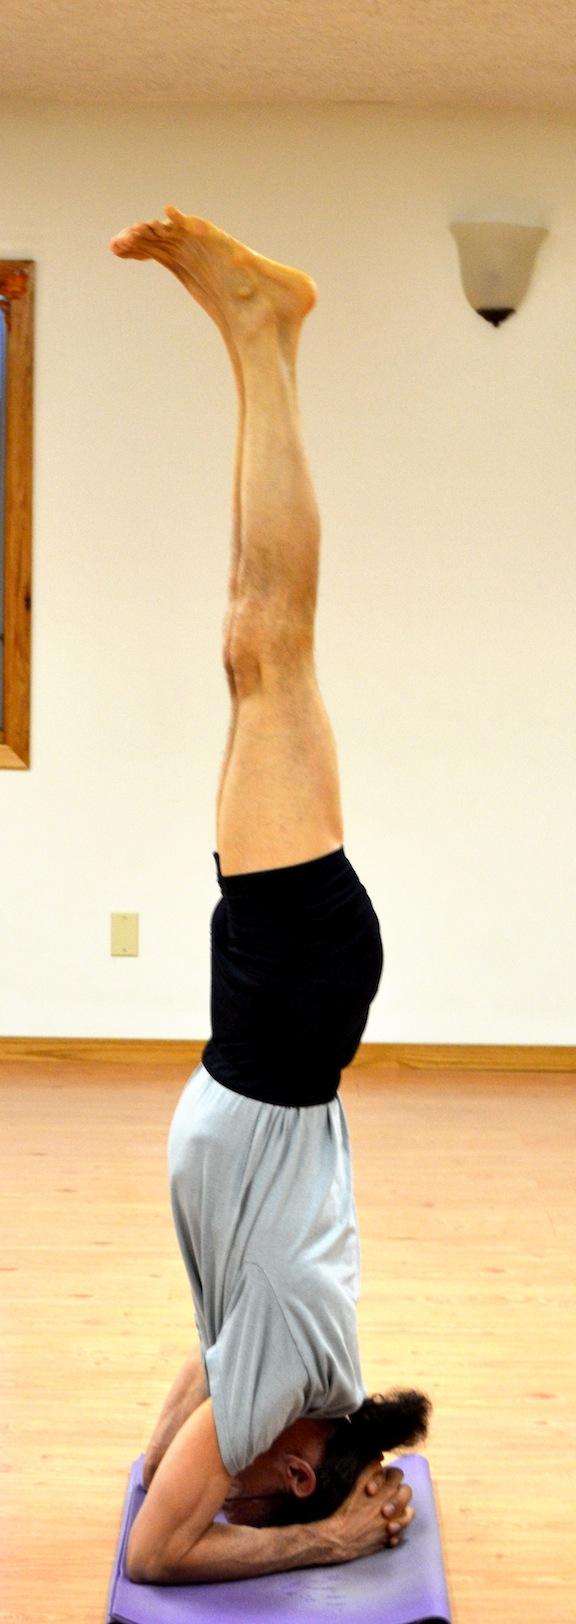 Yoga tgp images 57